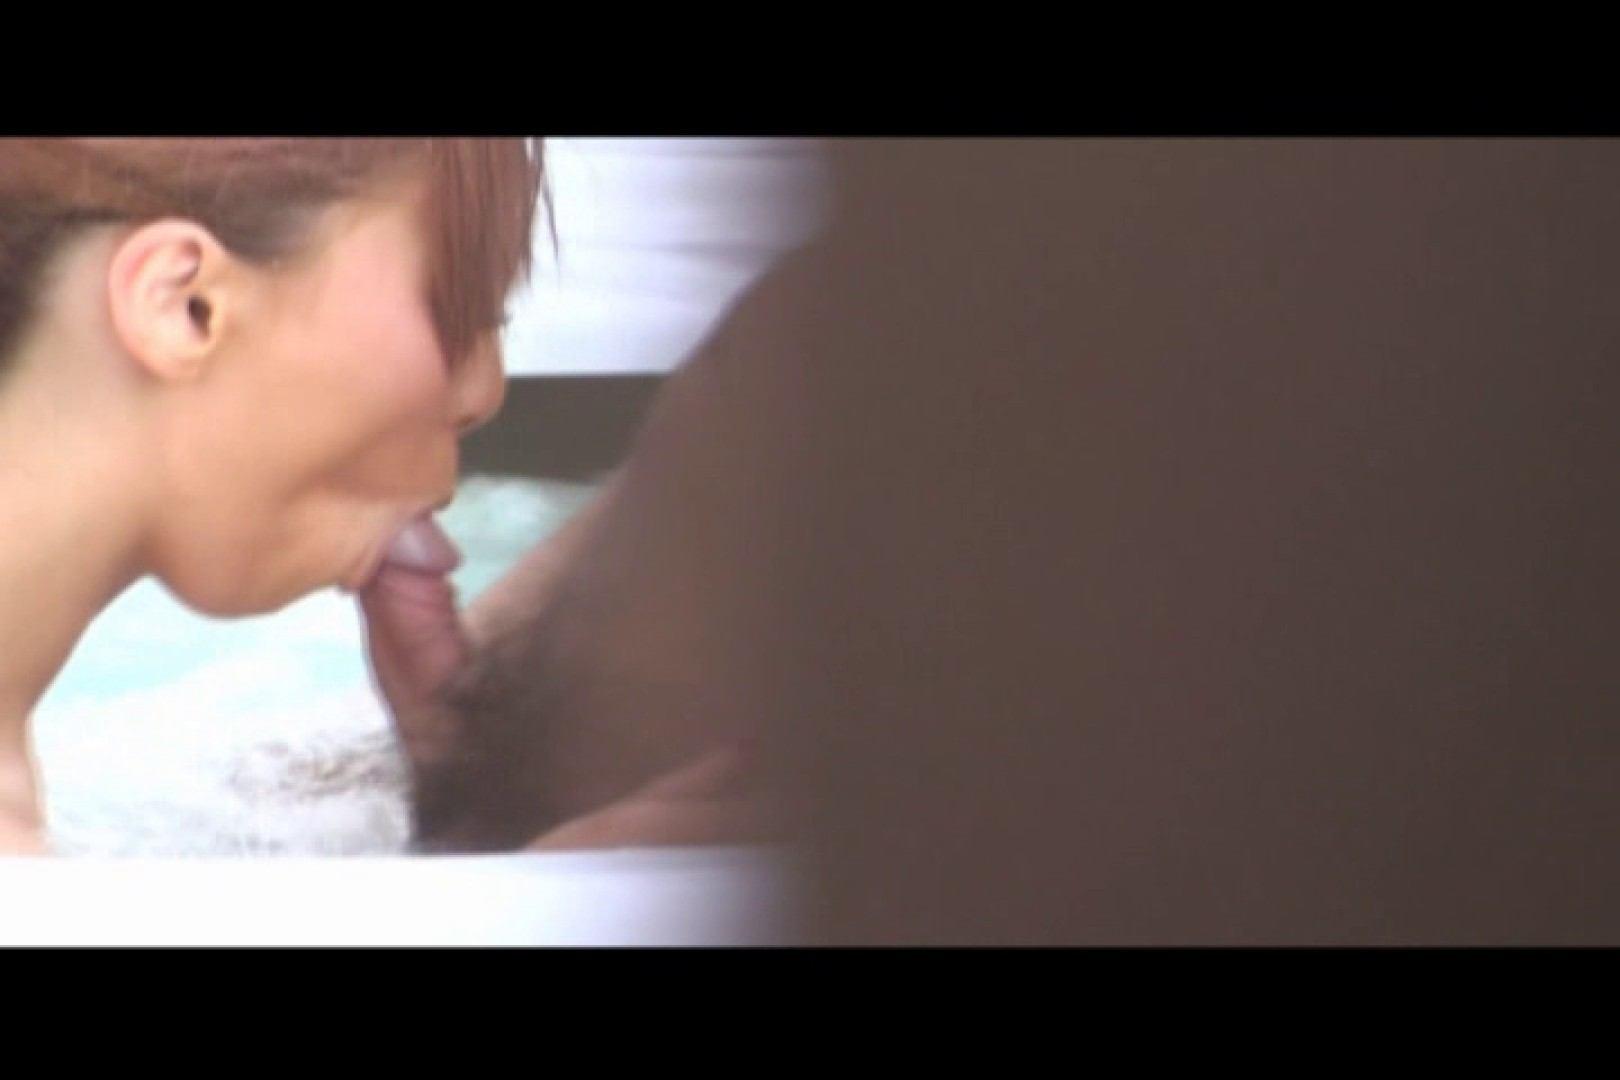 貸切露天 発情カップル! vol.05 露天風呂の女子達 | カップル  85画像 83